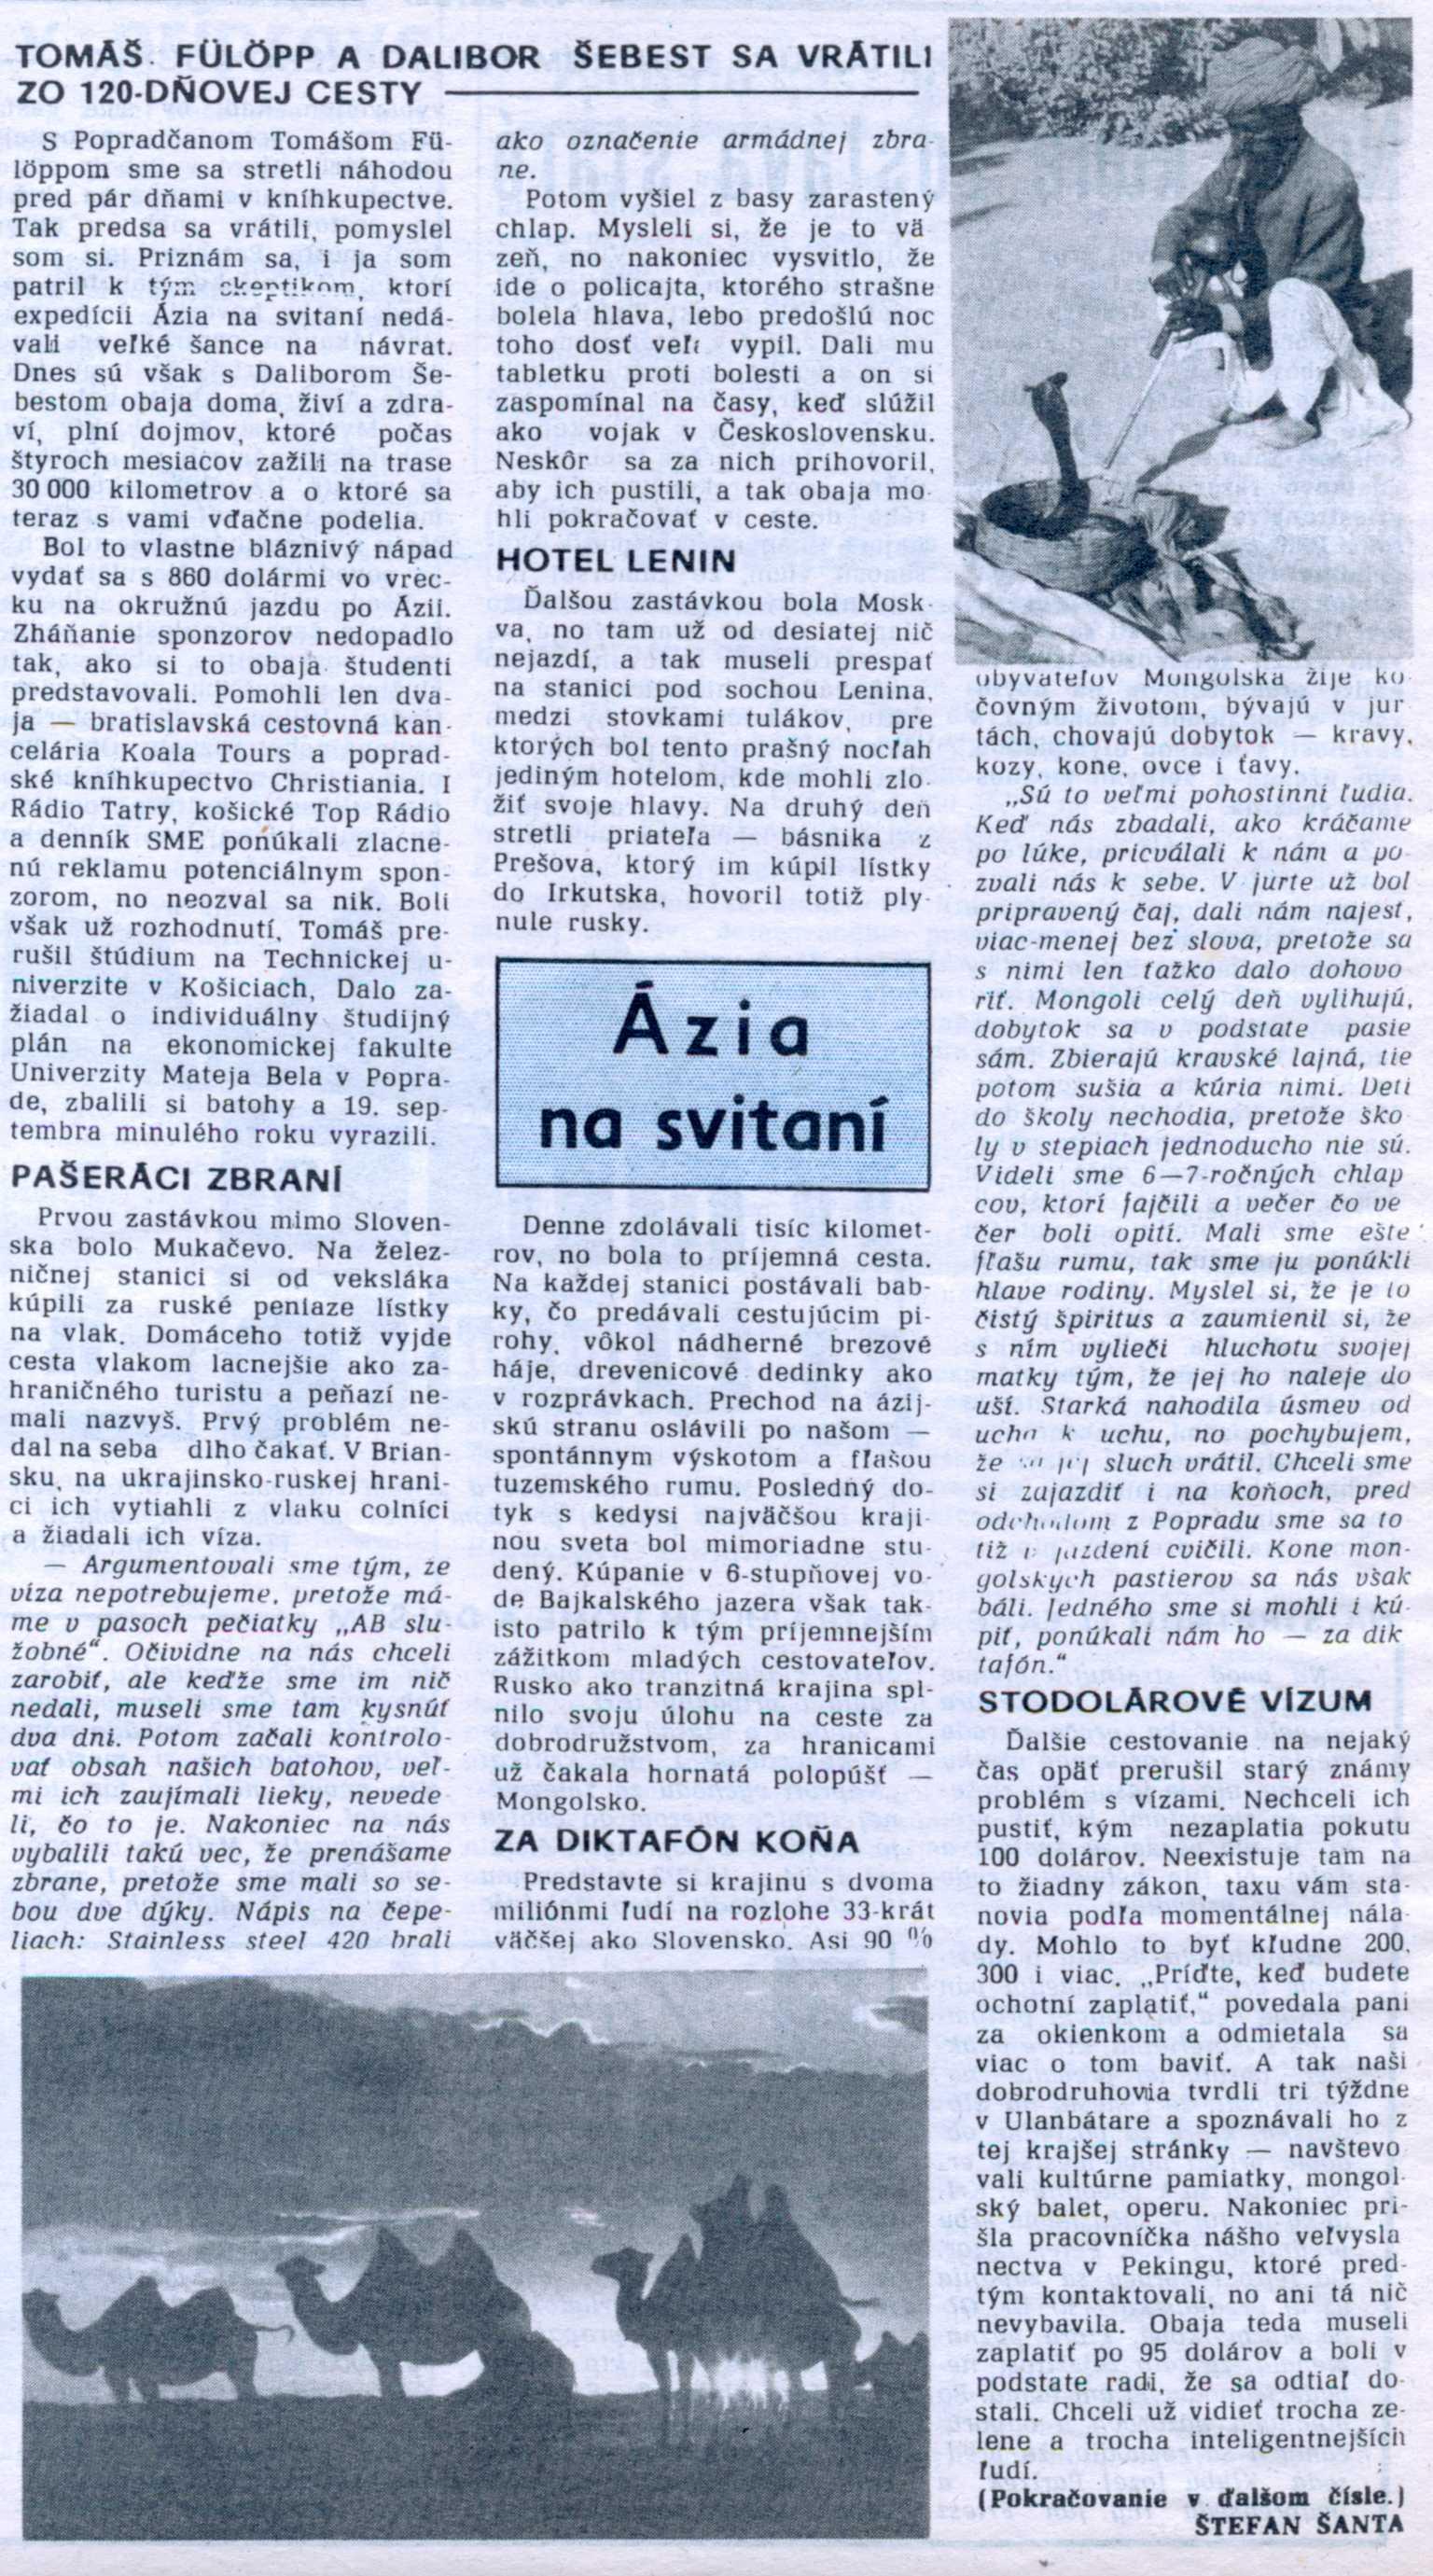 Noviny Poprad: Ázia na svitaní (I.)